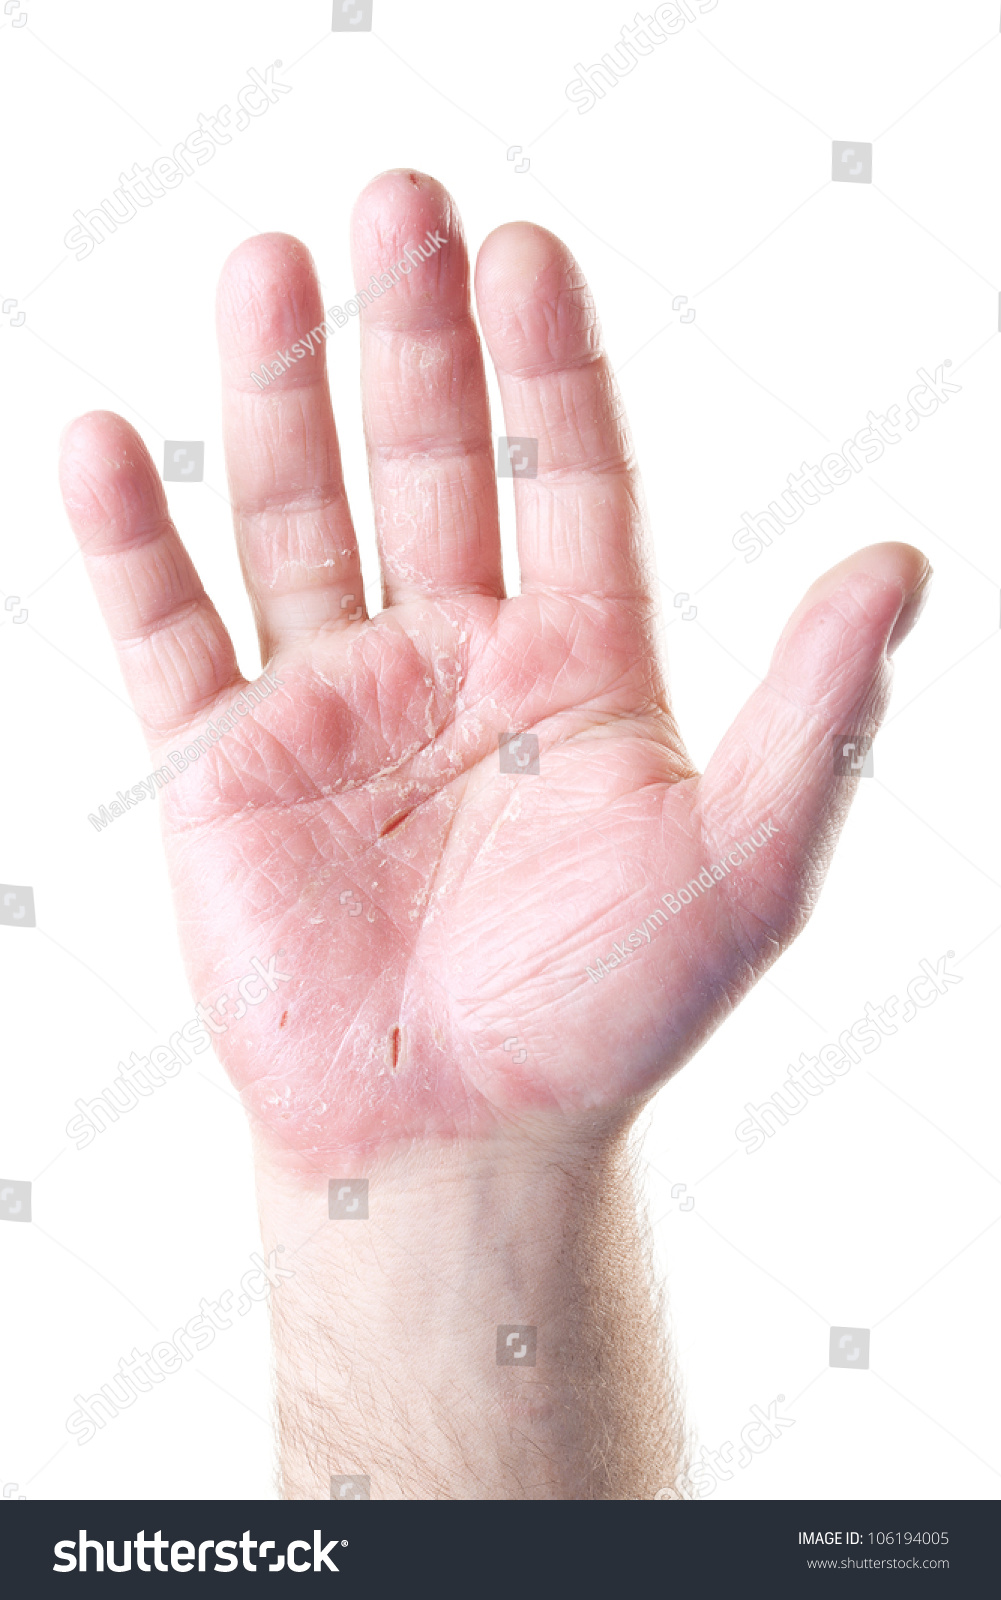 Шелушение кожи члена 22 фотография